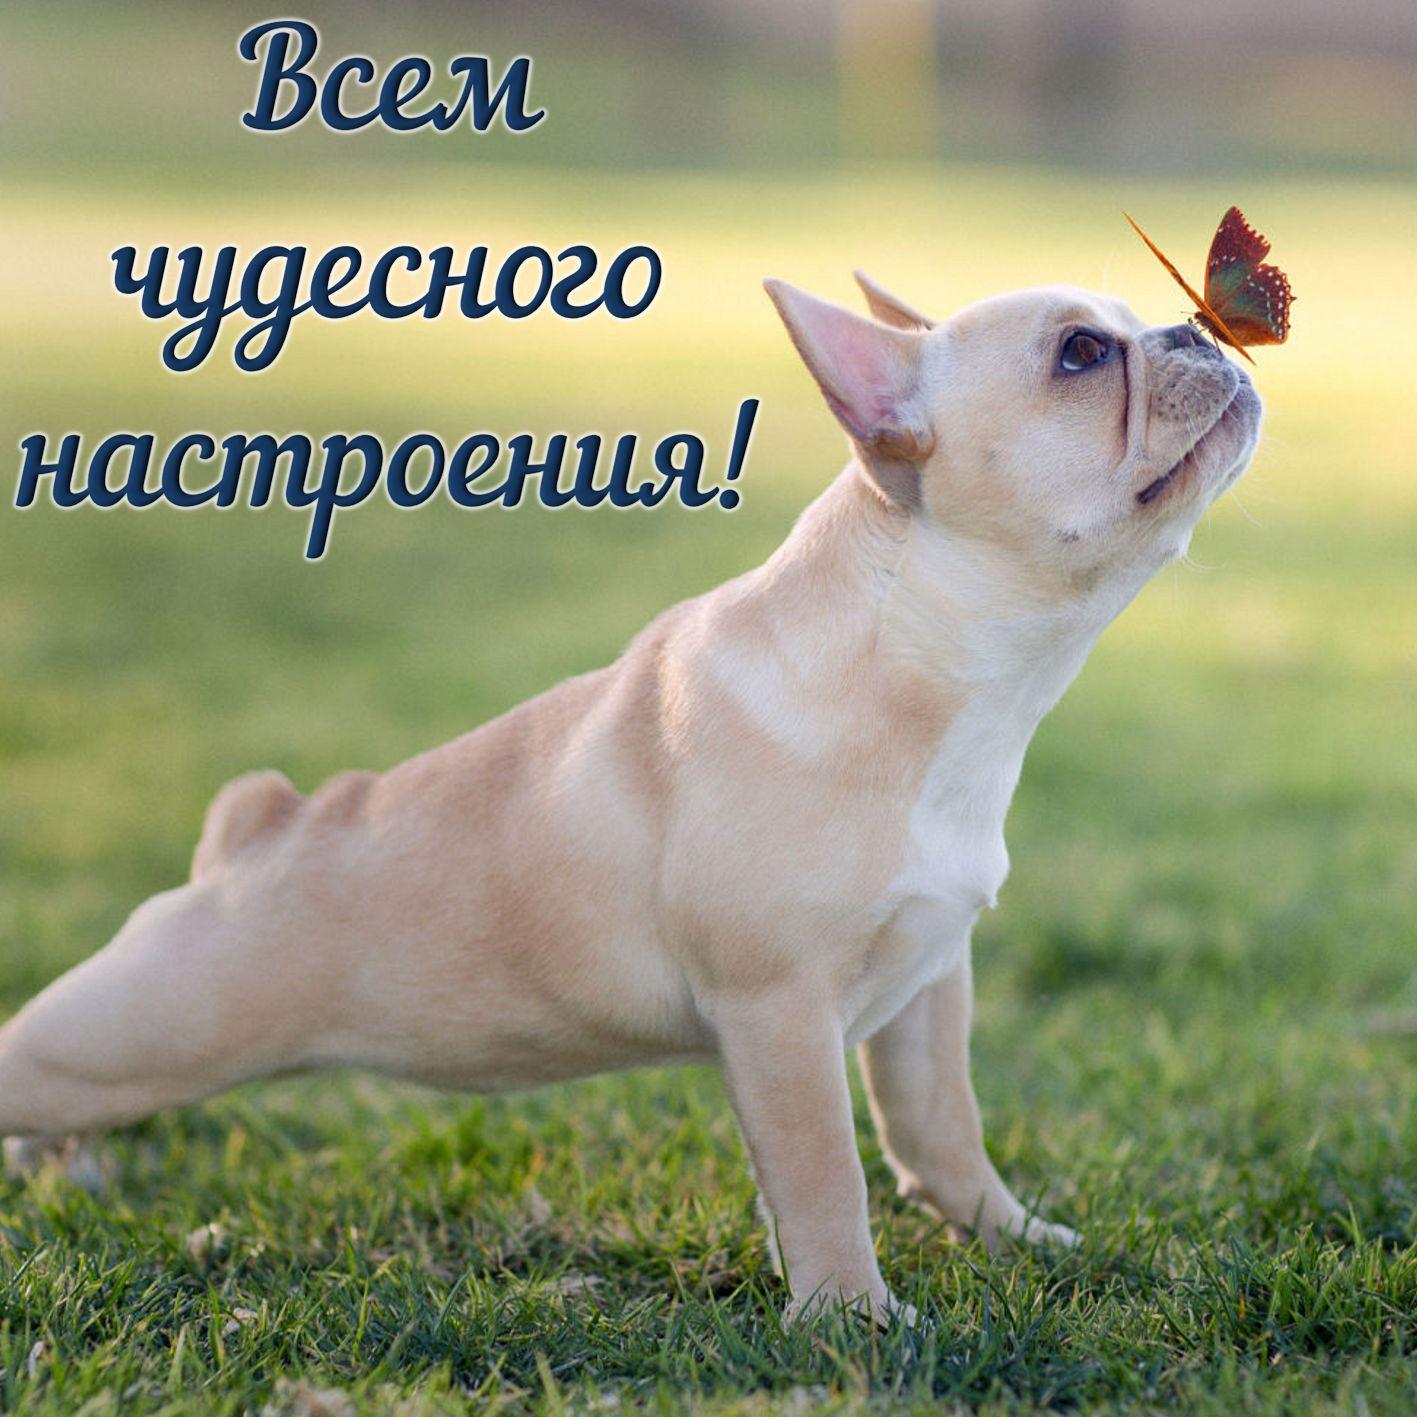 Открытка хорошего настроения - забавный песик с бабочкой на носу